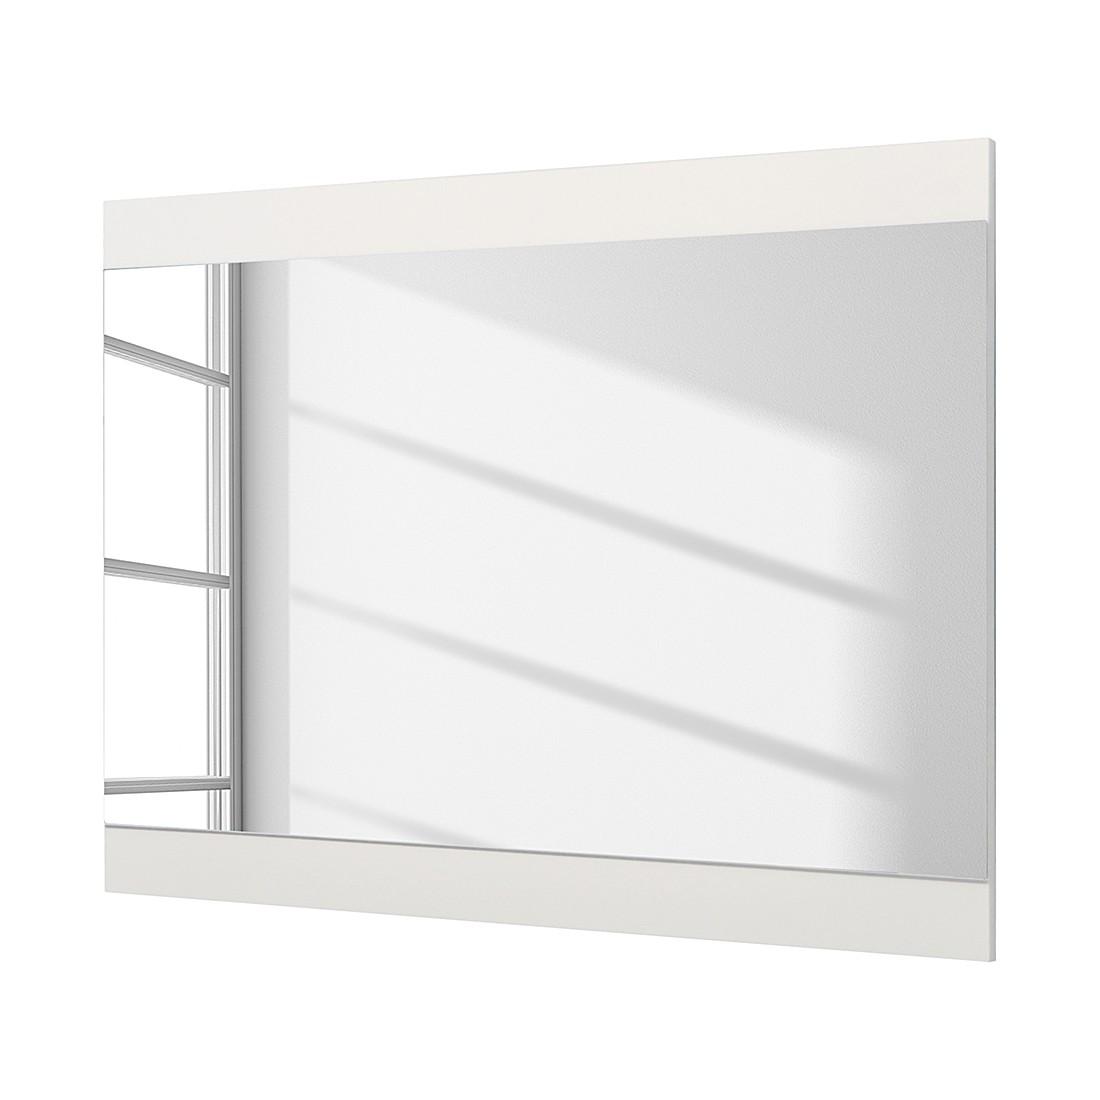 Spiegel Ella – Weiß, Reinhard jetzt kaufen